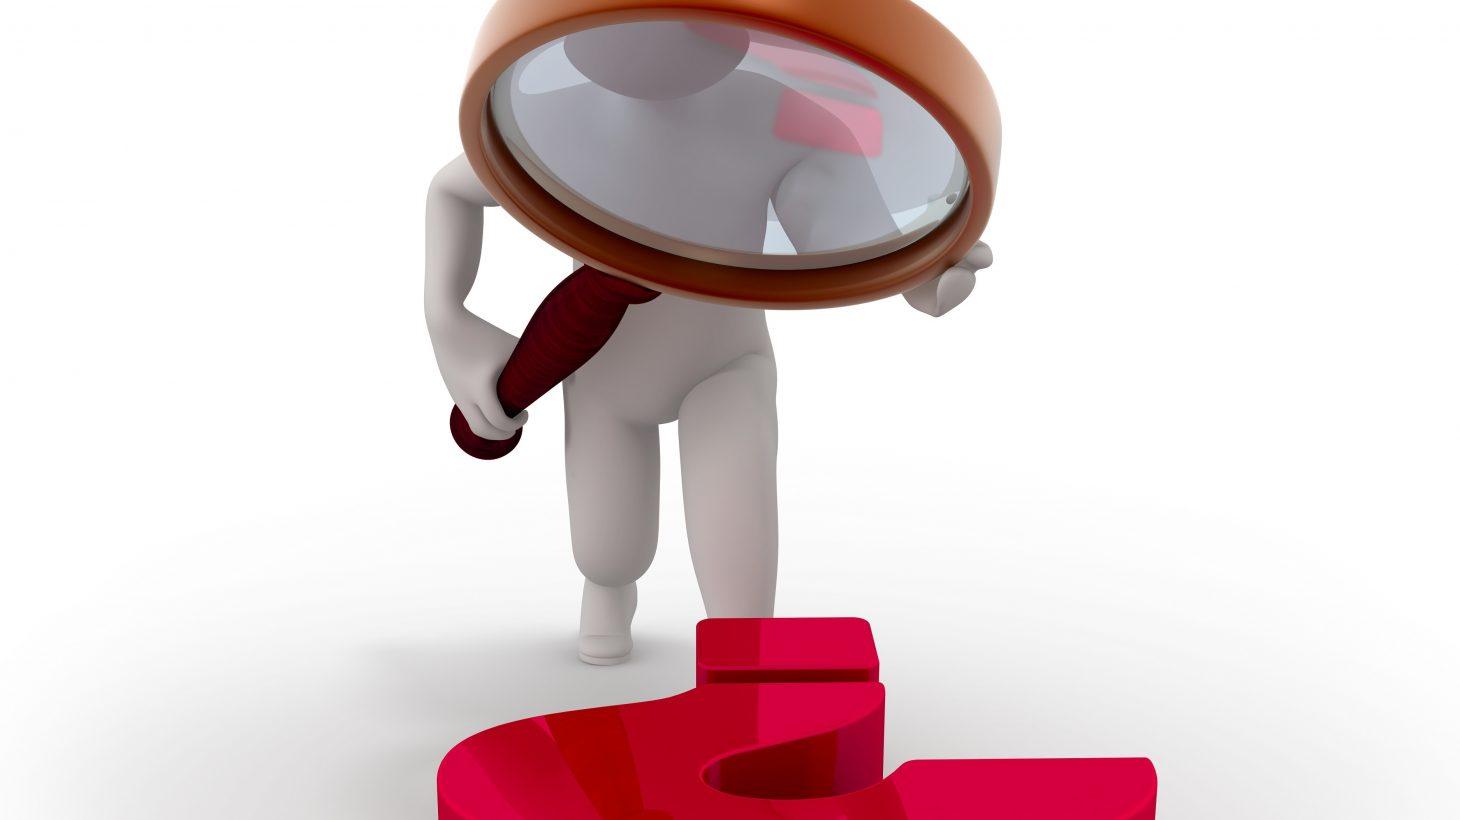 3D-tecknad människa tittar på frågetecken med förstoringsglas.